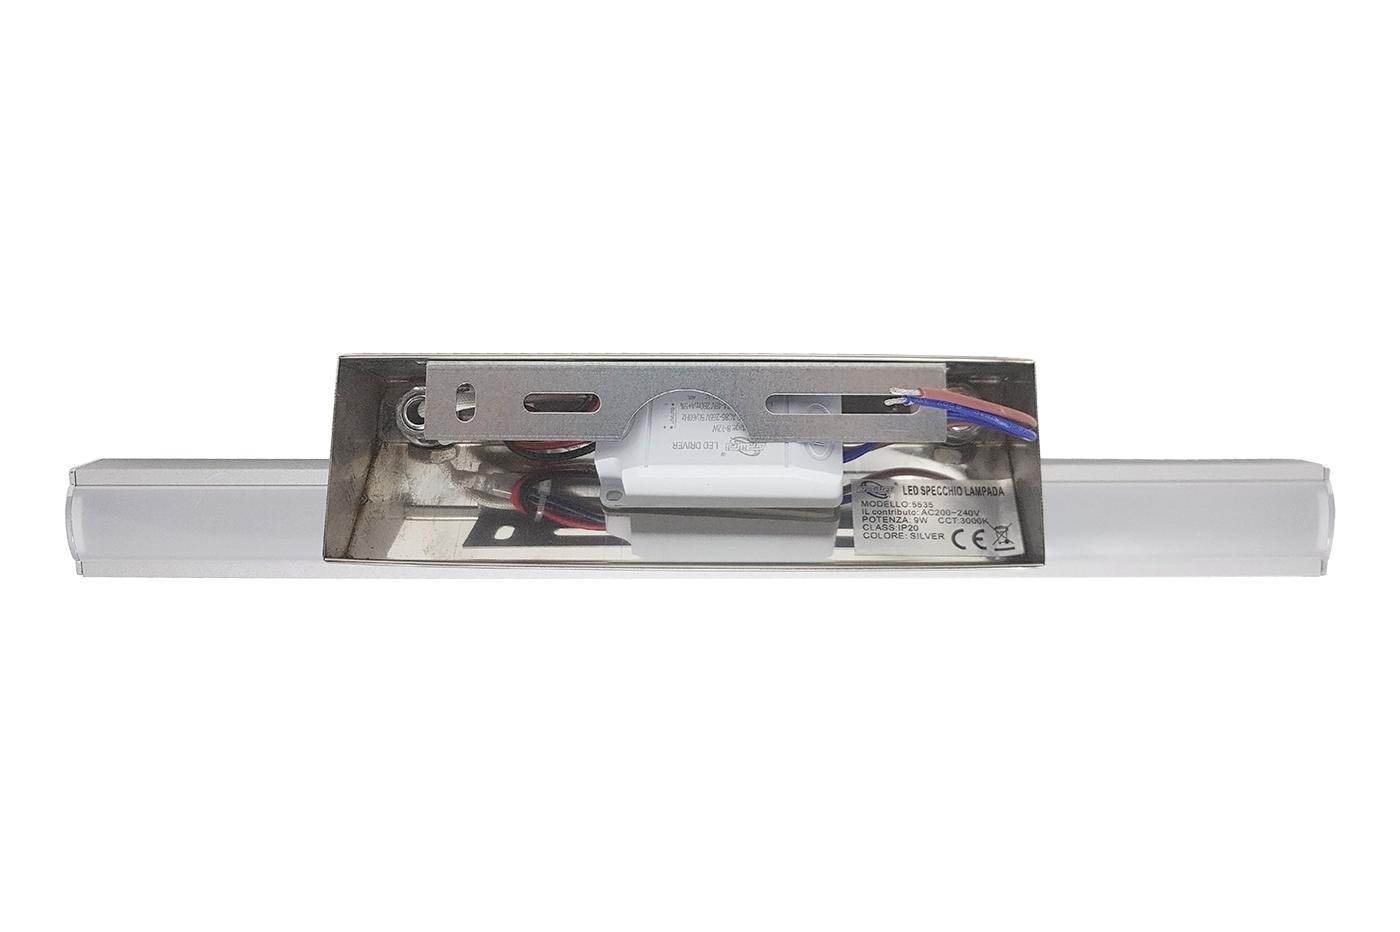 Bes 23691 applique beselettronica lampada applique specchio